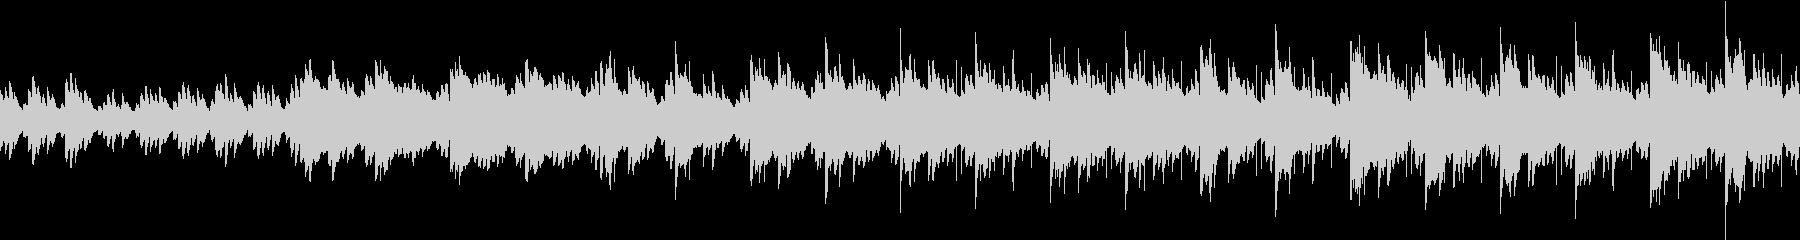 切ない青春01(Loop)_bpm90の未再生の波形